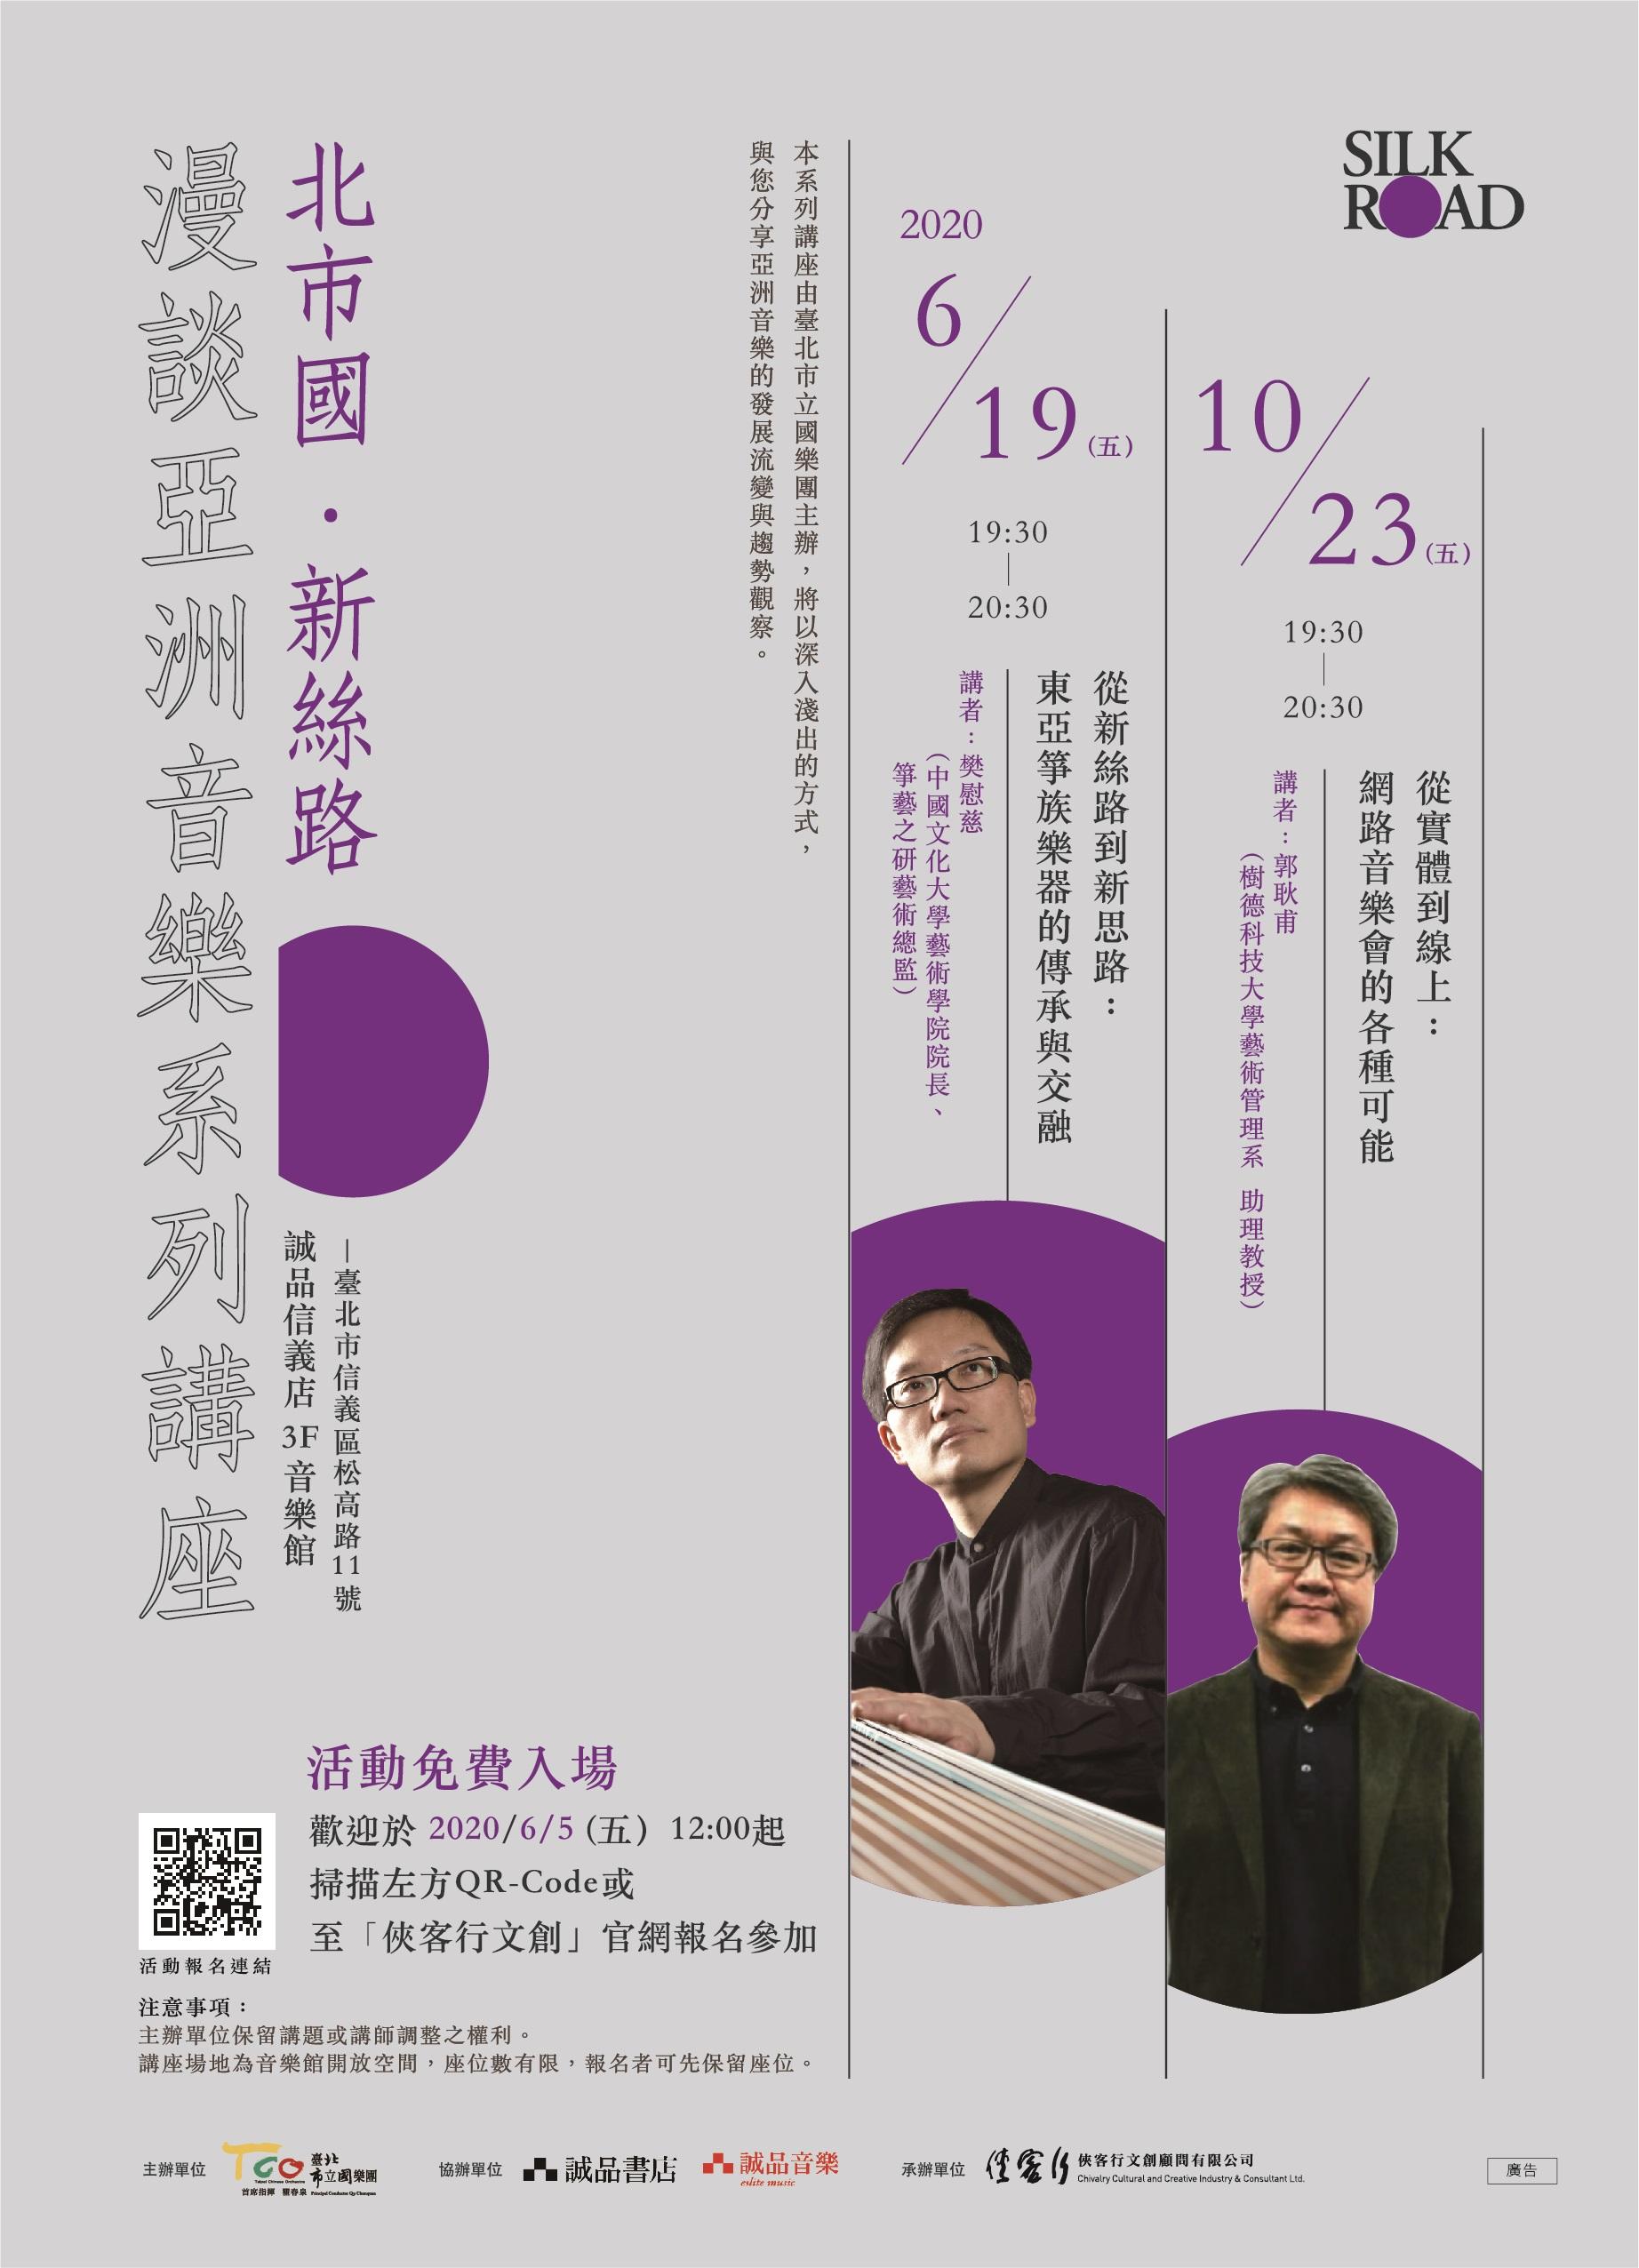 北市國漫談亞洲音樂講座:10/23(五)網路音樂會的各種可能